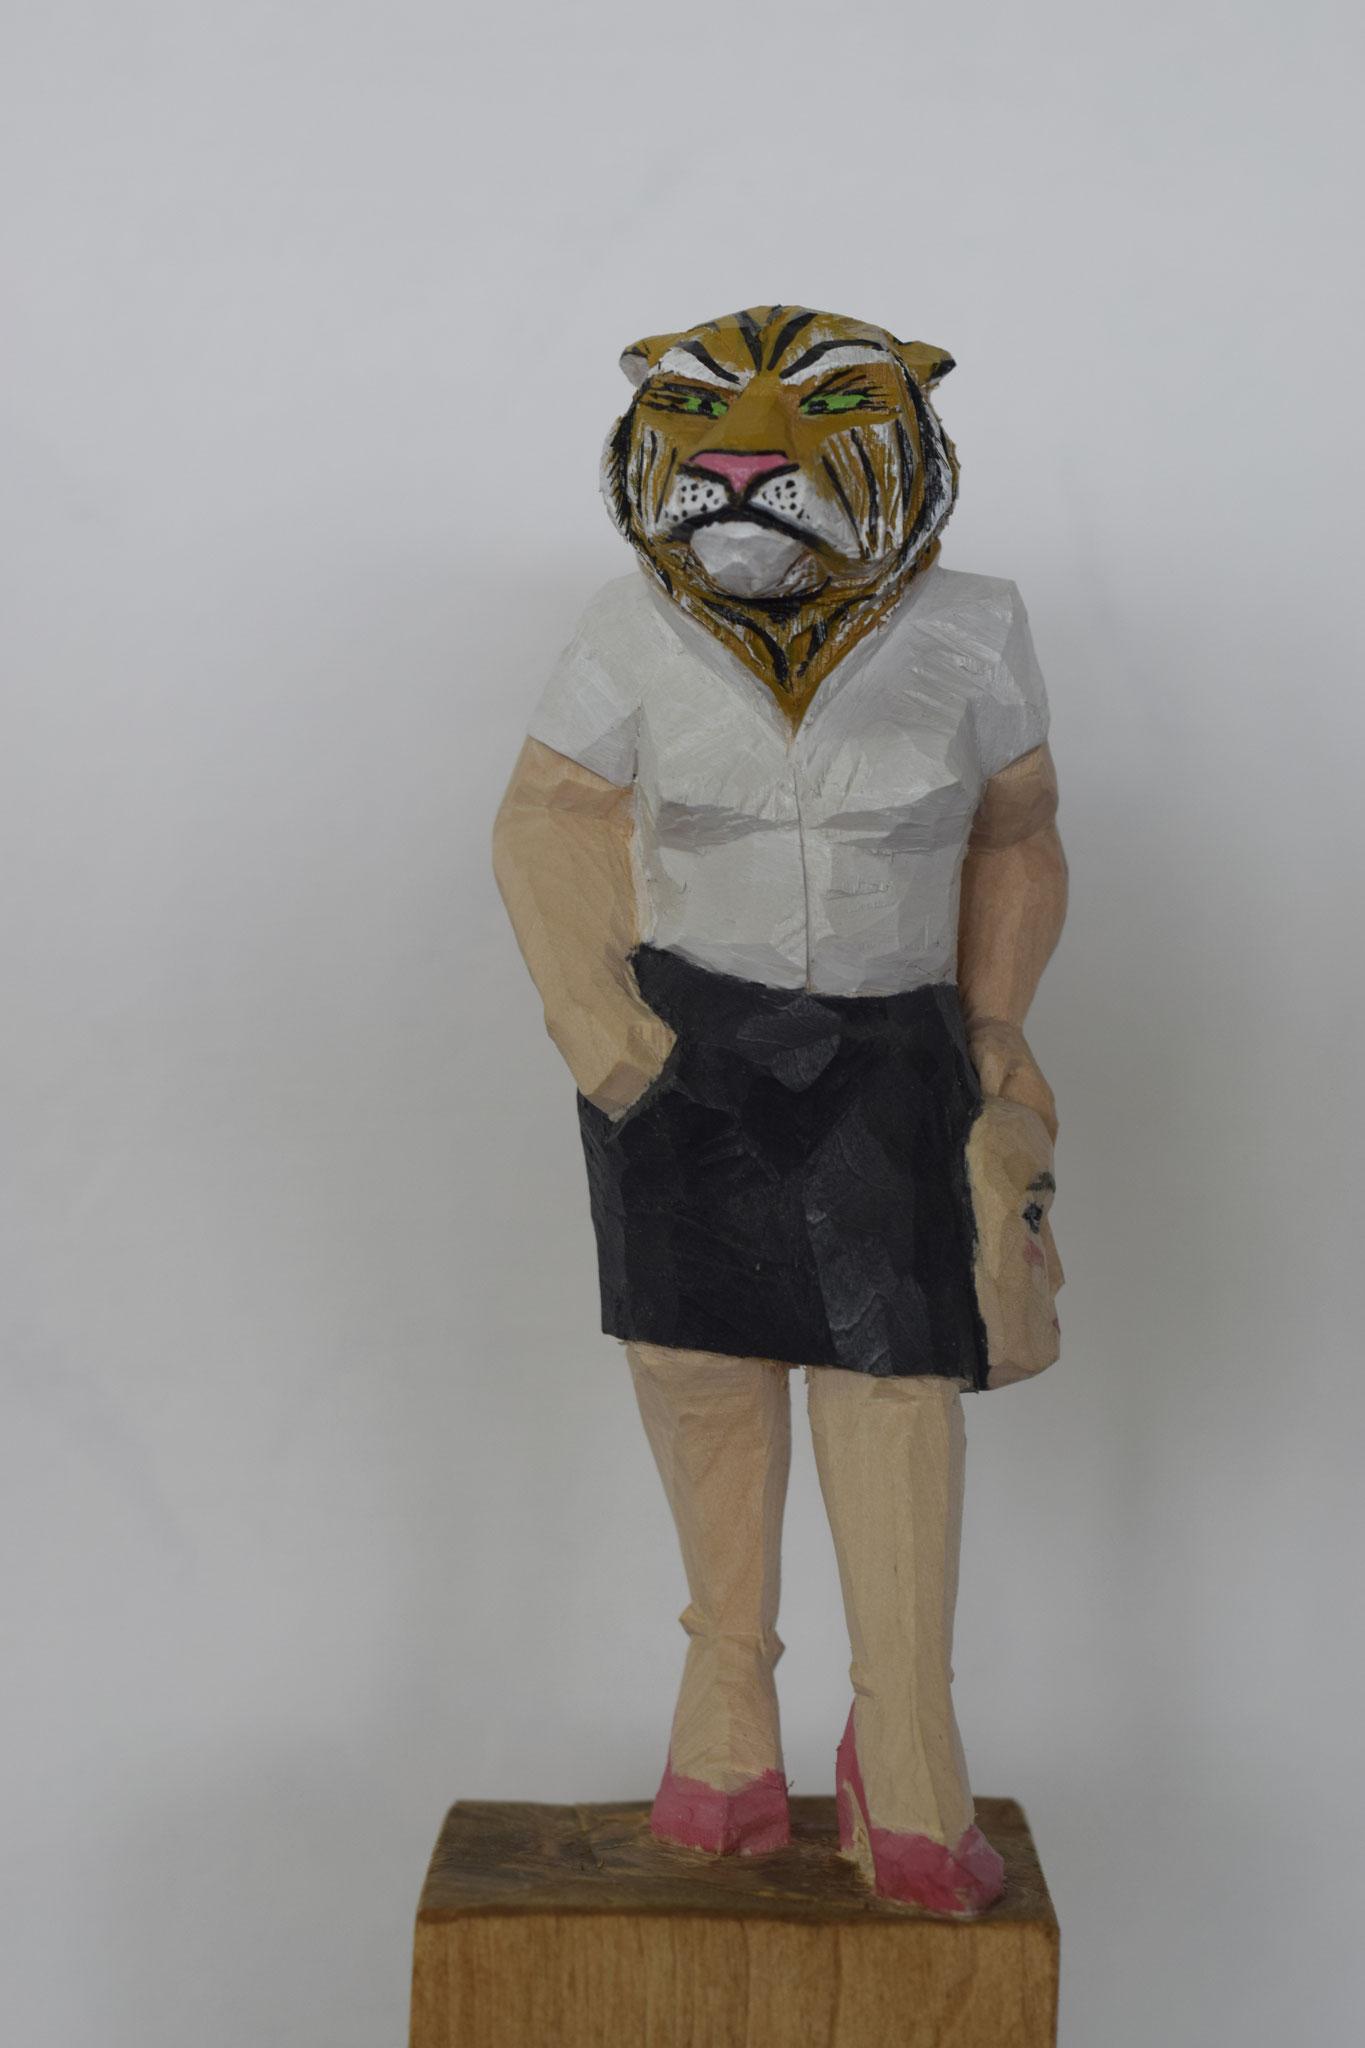 Tigerdame mit Maske